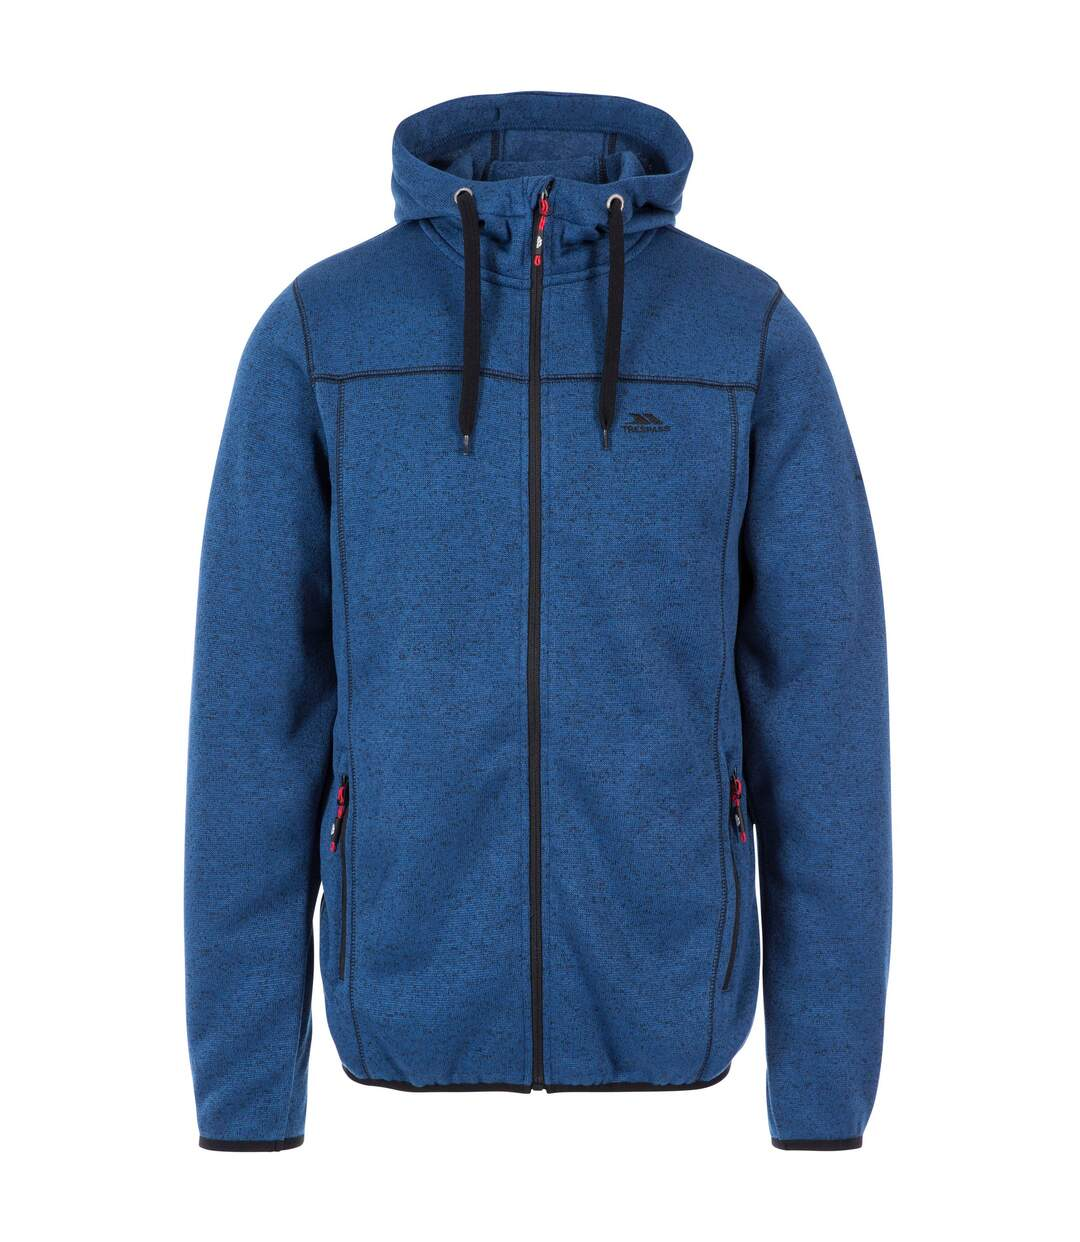 Trespass Mens Odeno Fleece Jacket (Indigo Marl) - UTTP4374